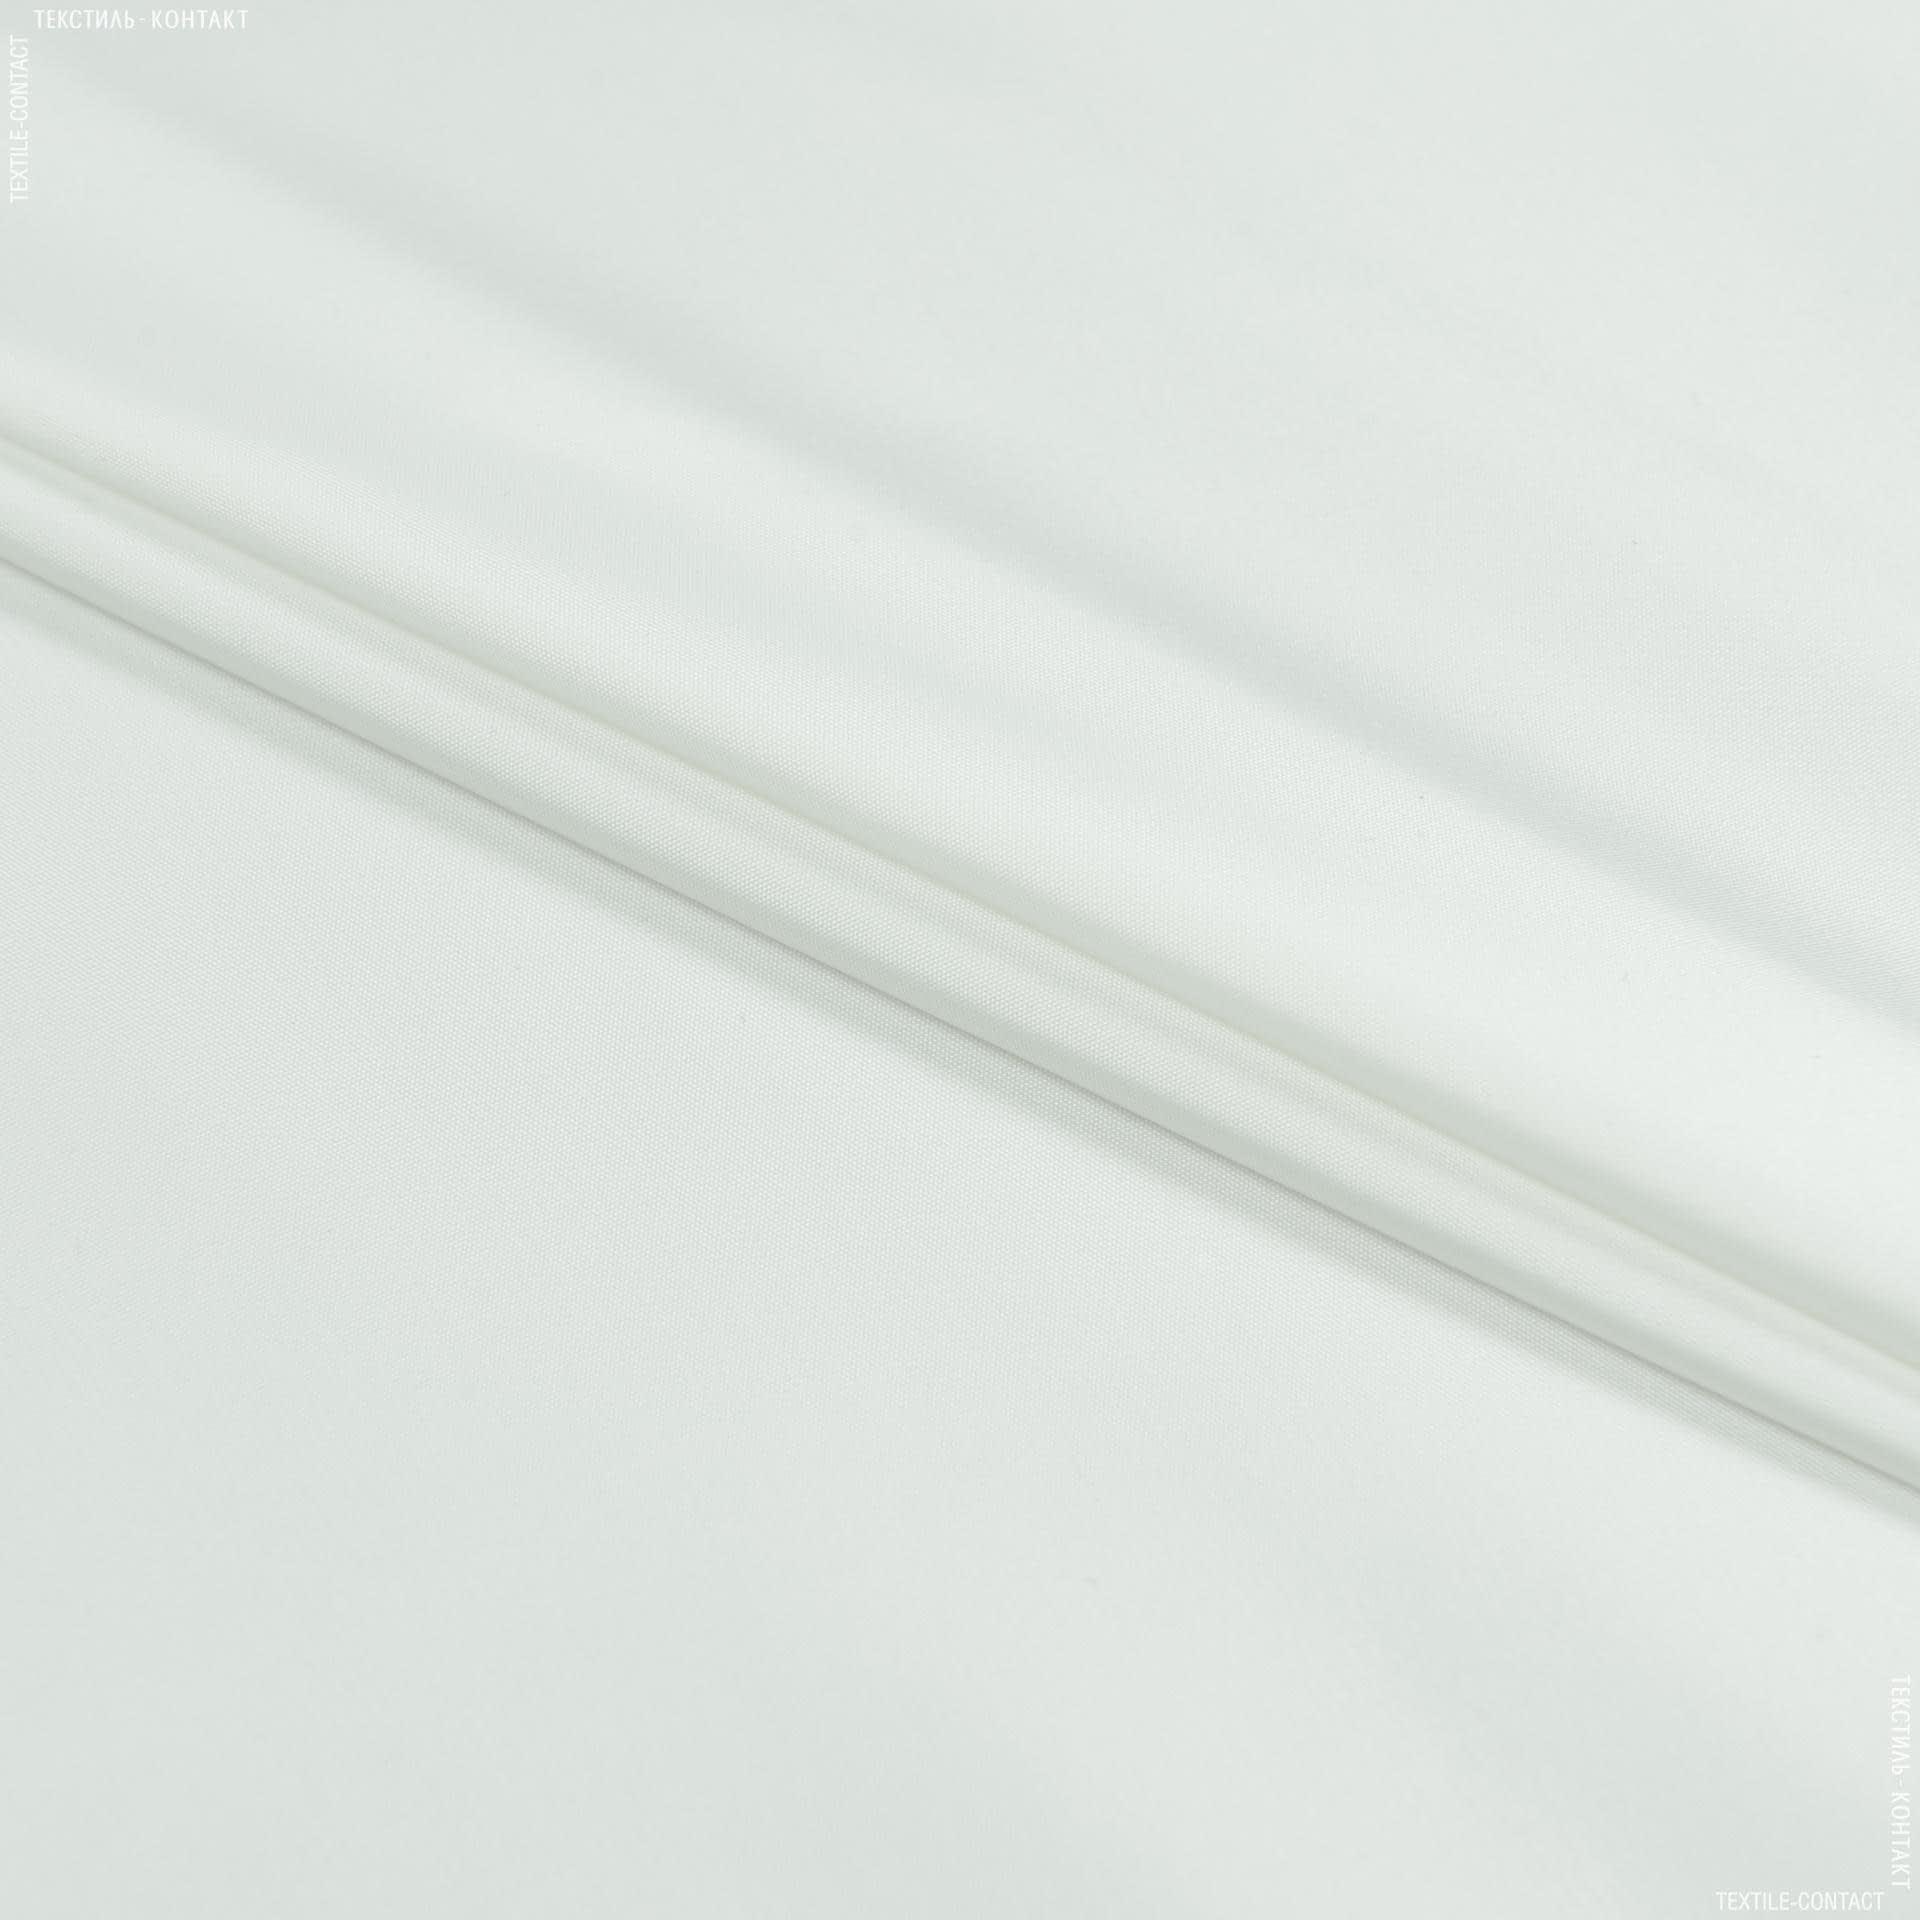 Тканини для наметів - Віва плащова біло-молочний